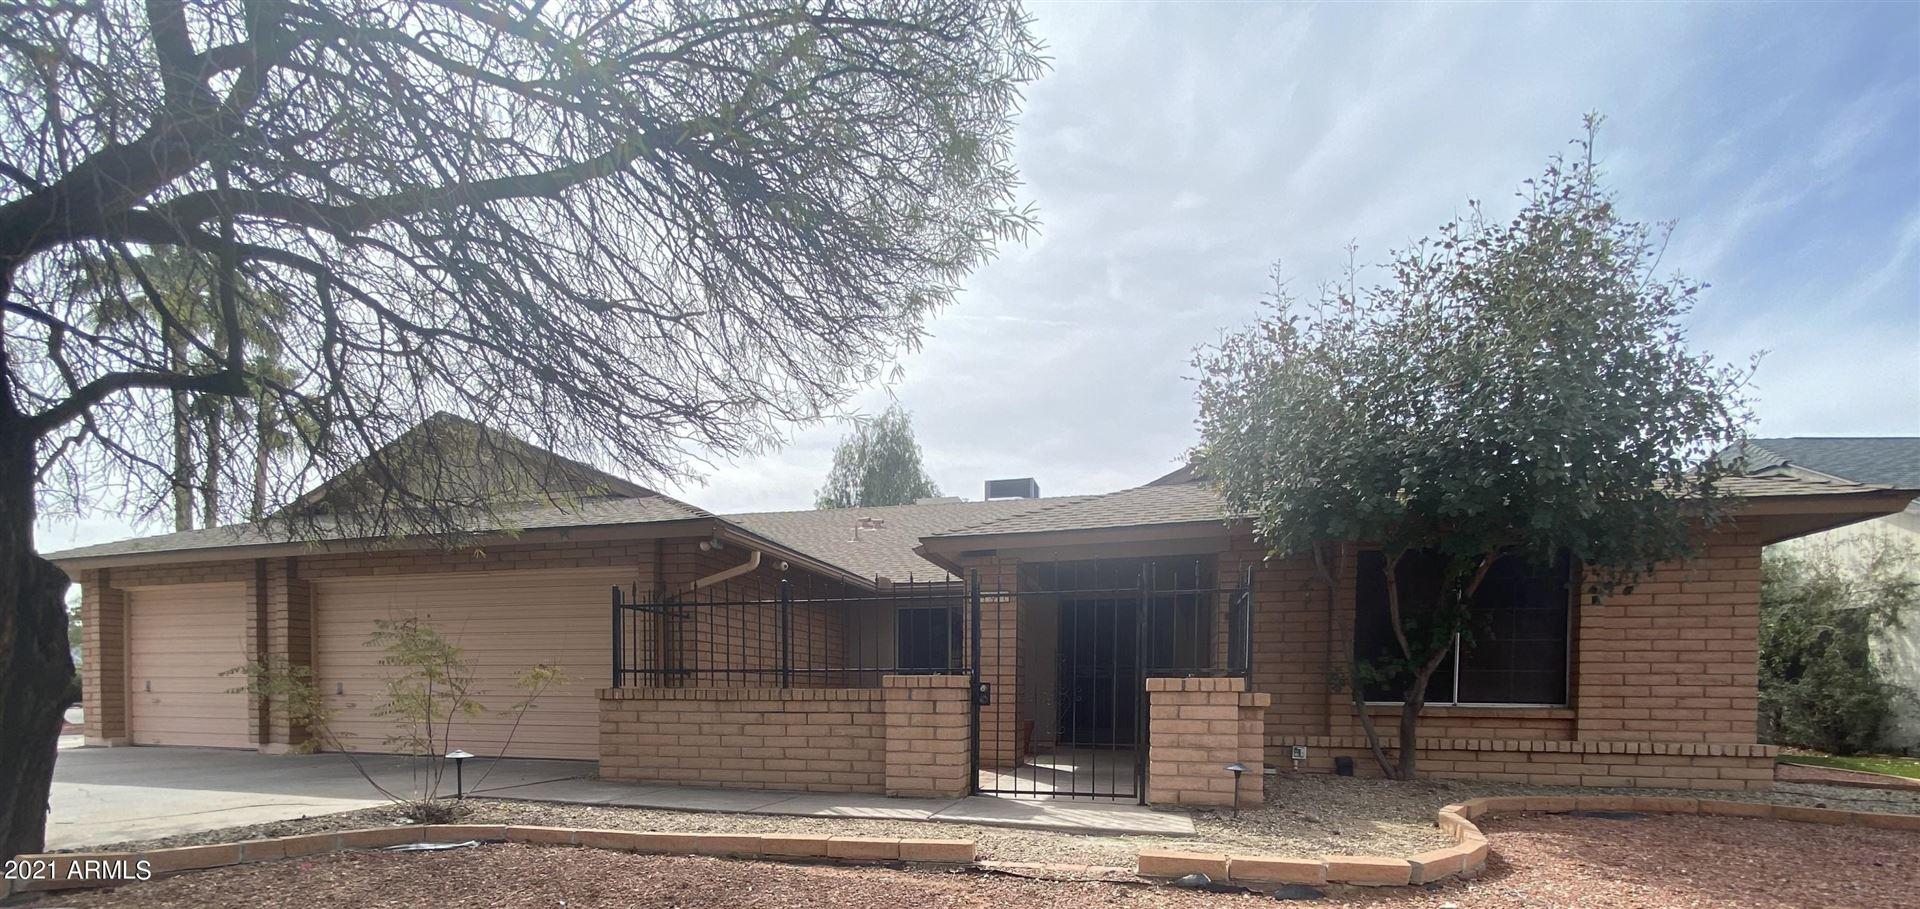 4407 W BLUEFIELD Avenue, Glendale, AZ 85308 - MLS#: 6197056